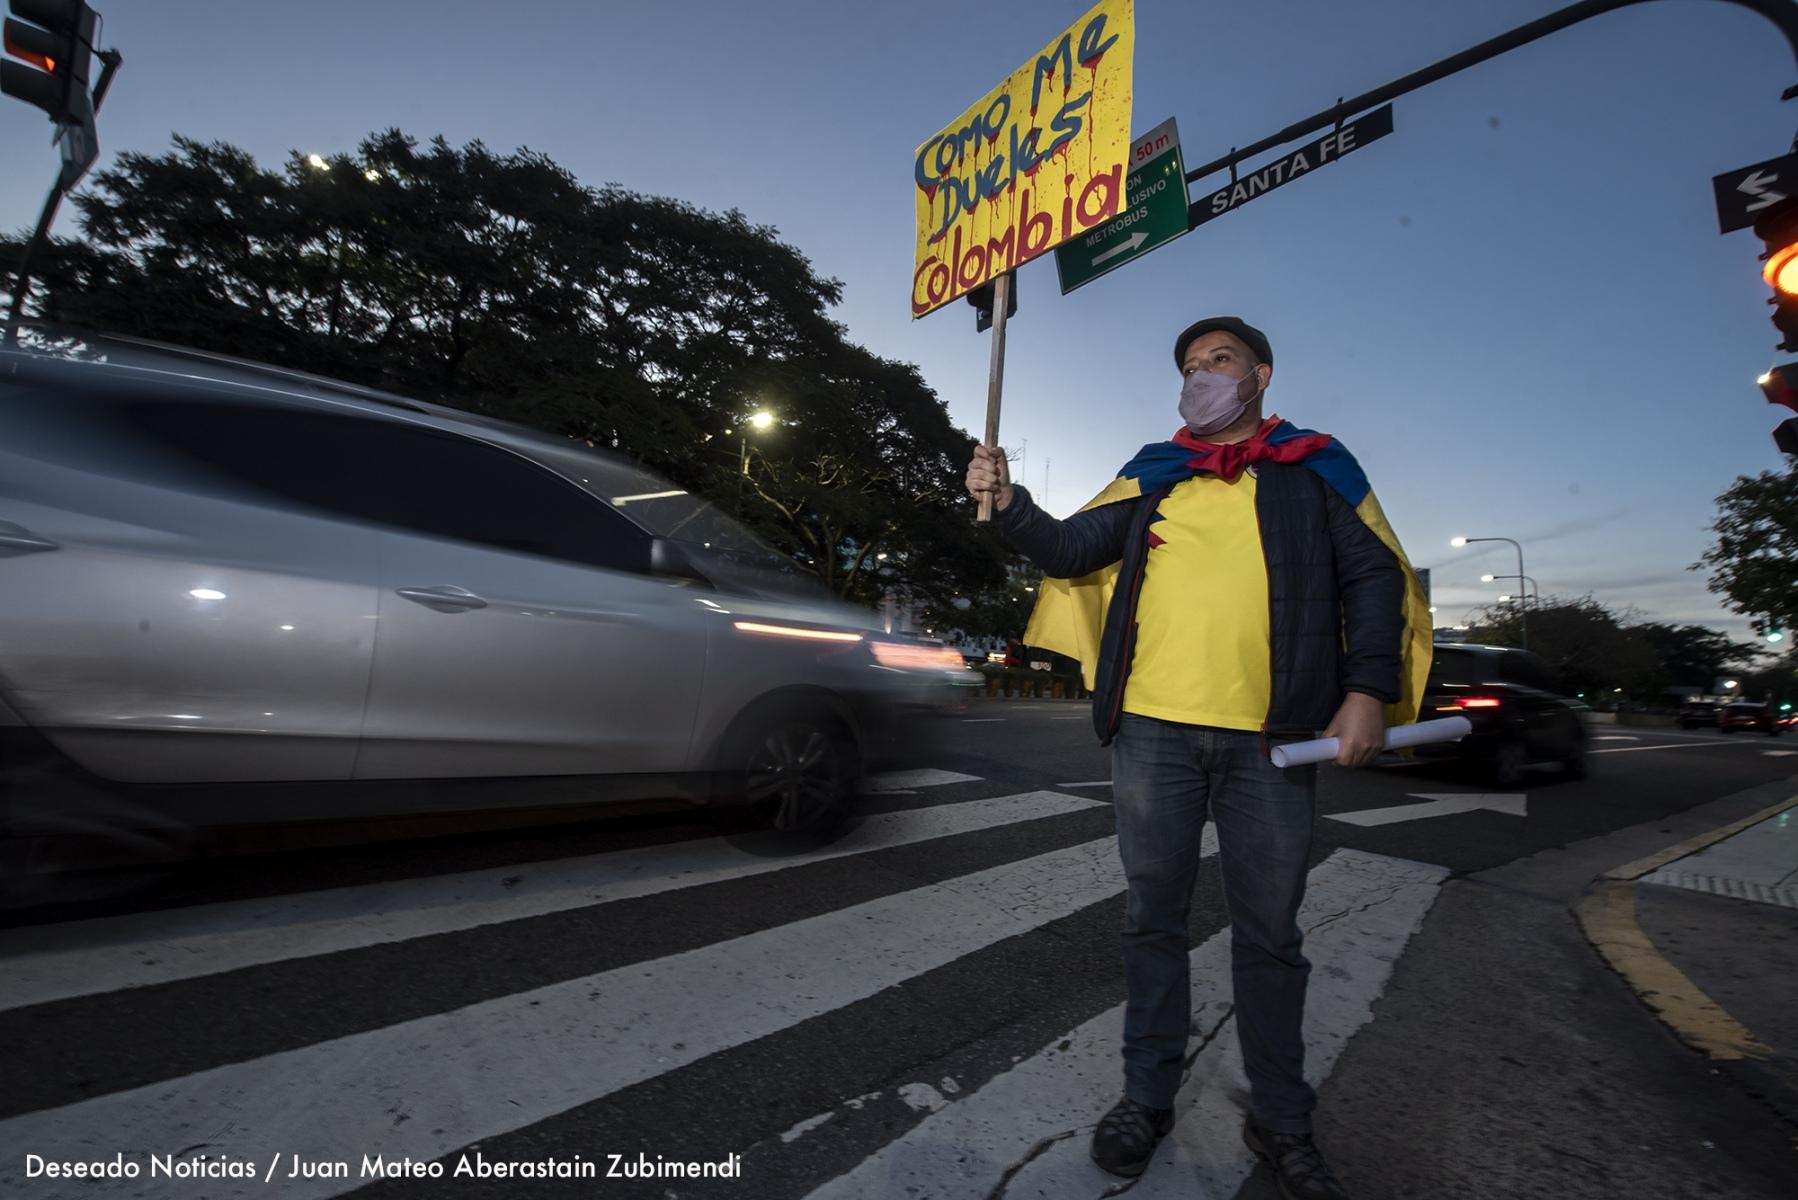 Manifestación-de-colombianos_Ph_JuanMateoAberastain_6